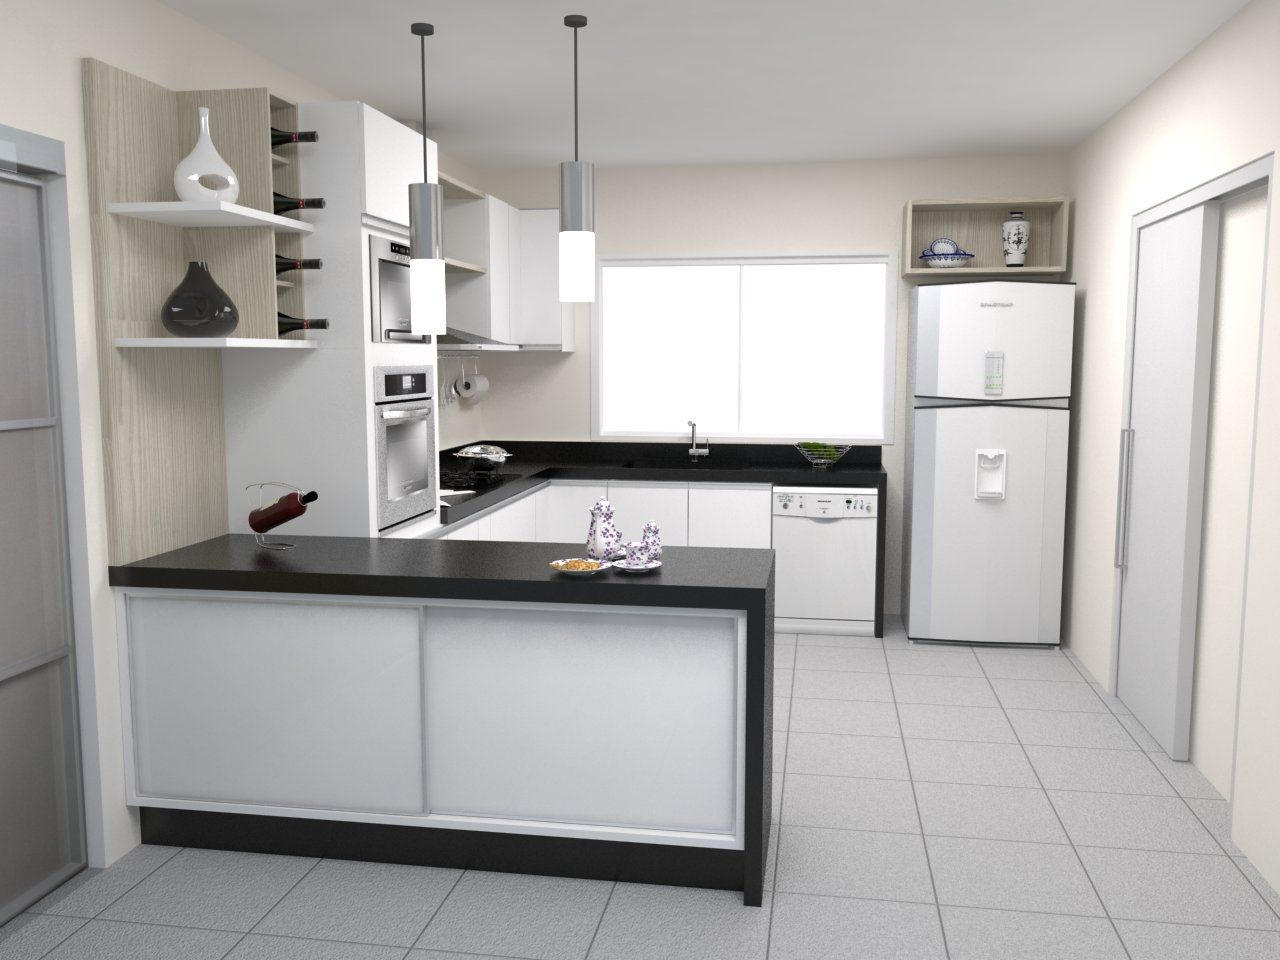 Cozinha E Sala Conjugada Casa Pro Pelautscom Picture Car Interior  #6E675D 1280 960